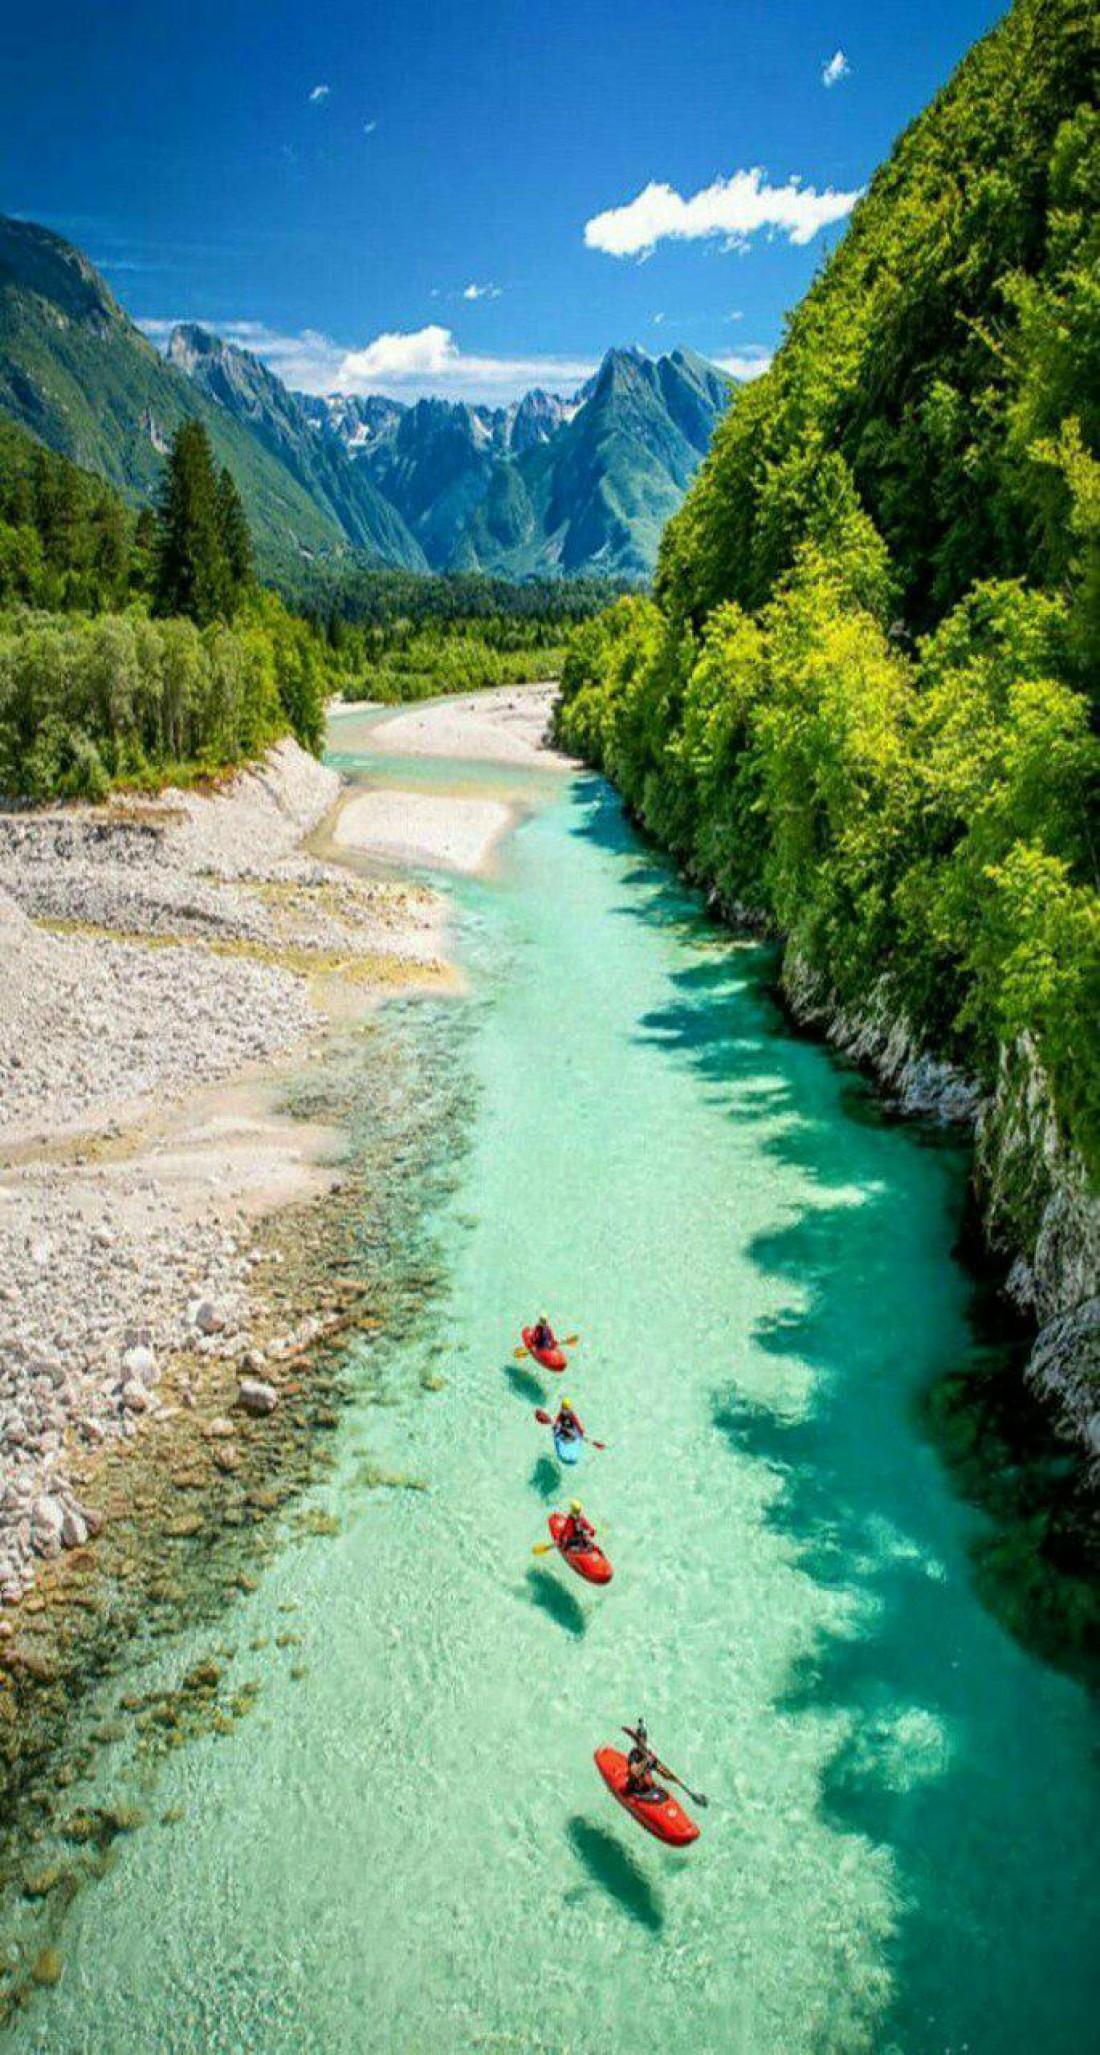 Долина реки Соча - идеальное место для любителей водных видов спорта